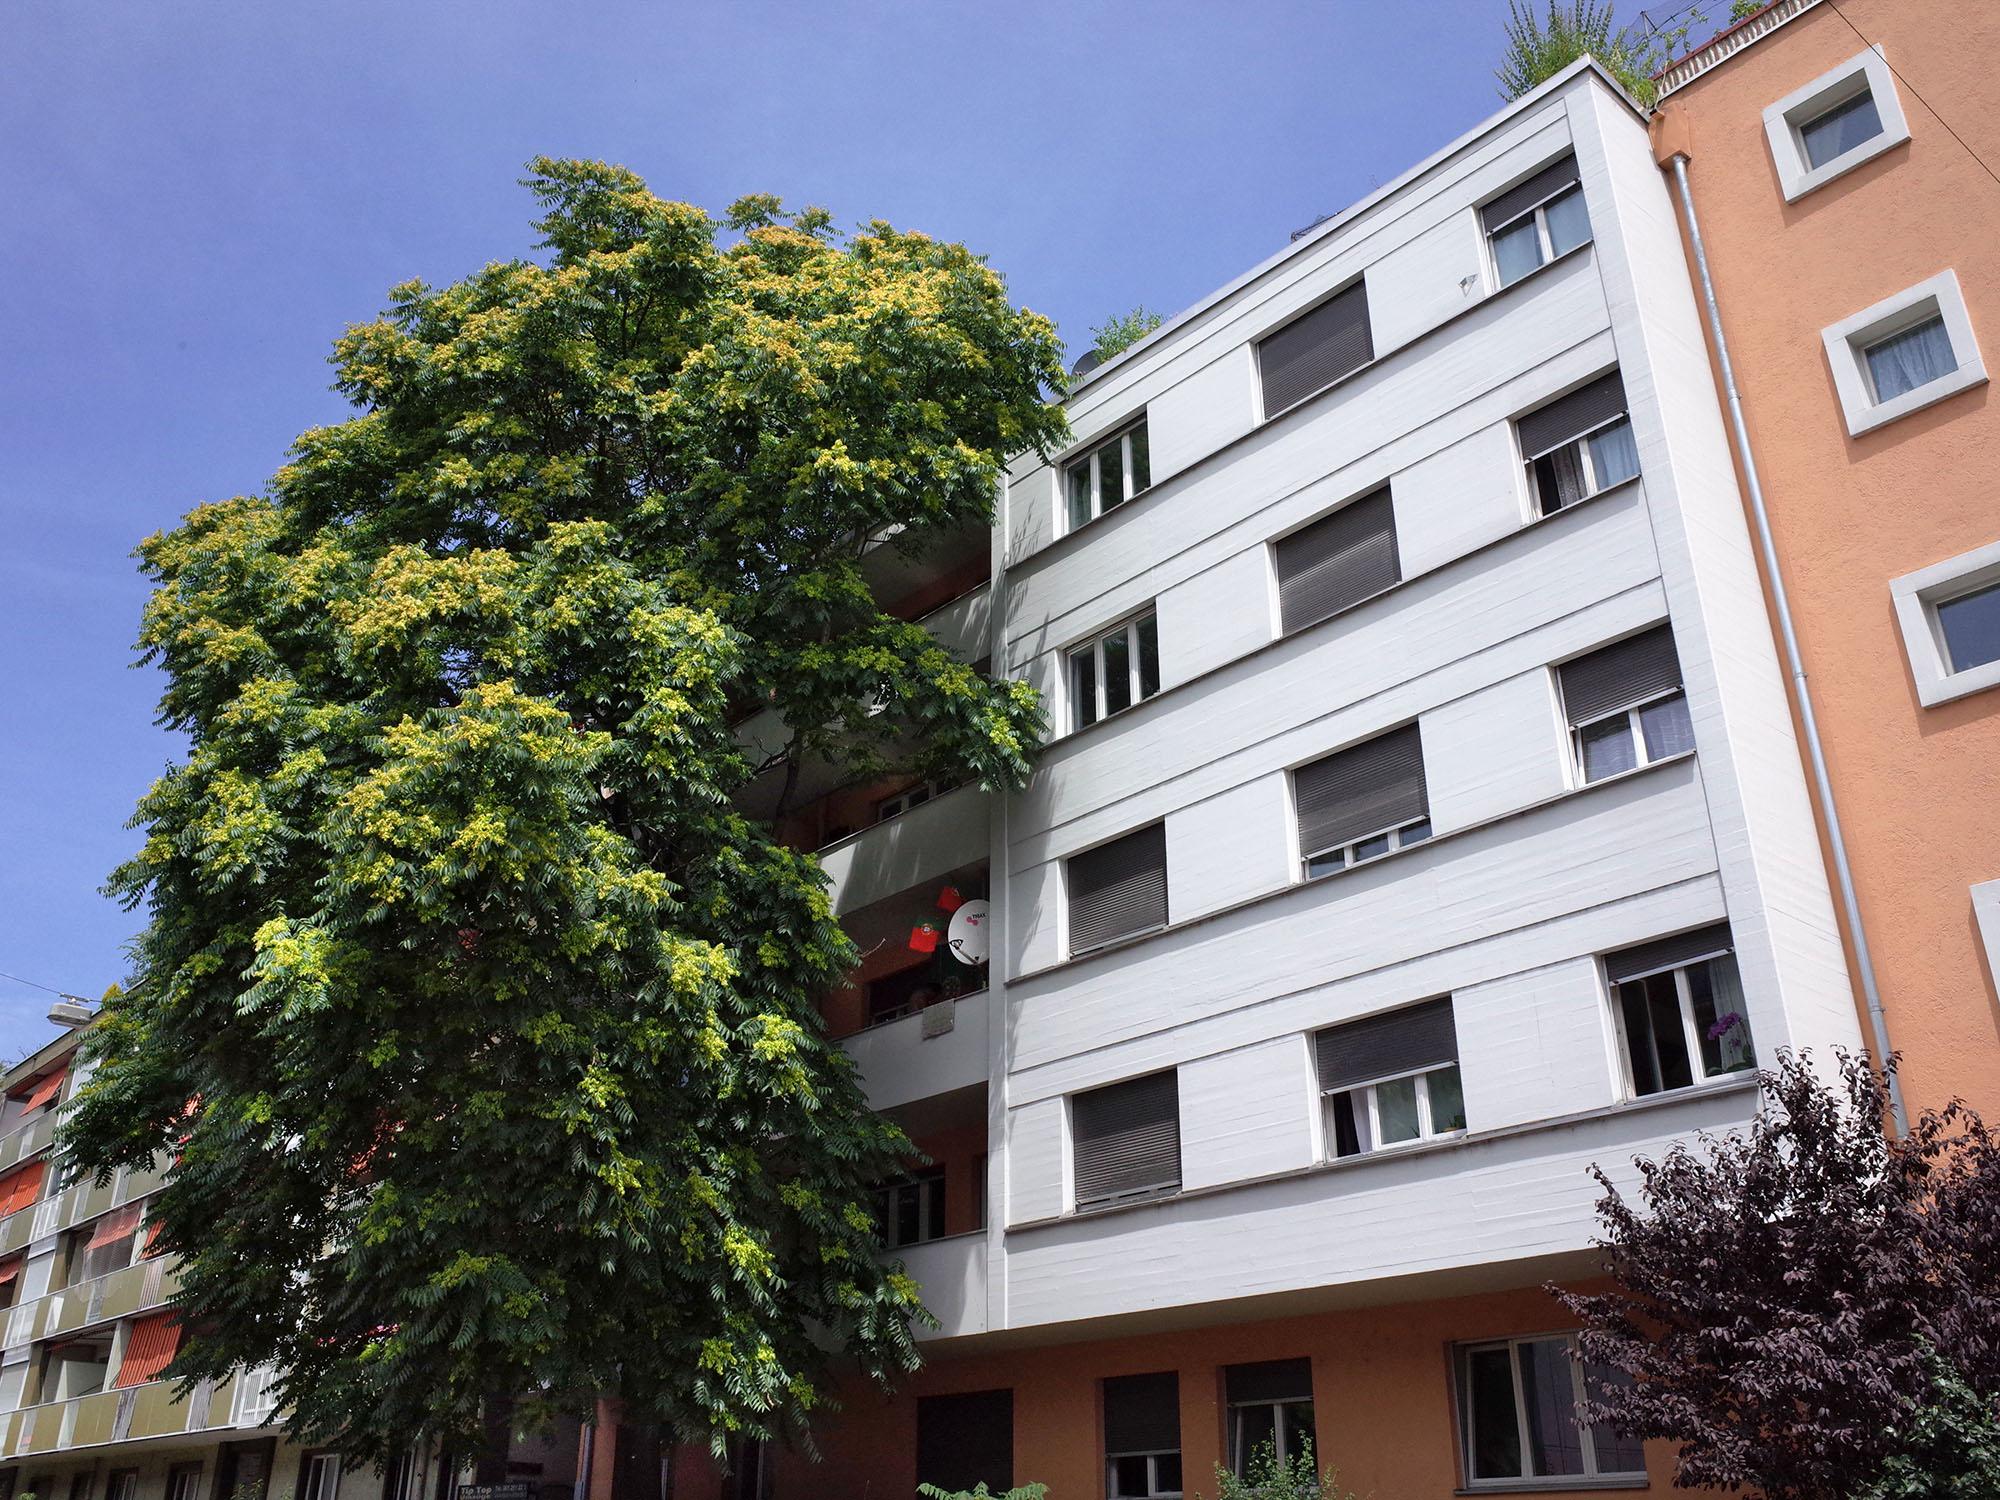 arbre-immeuble-bale